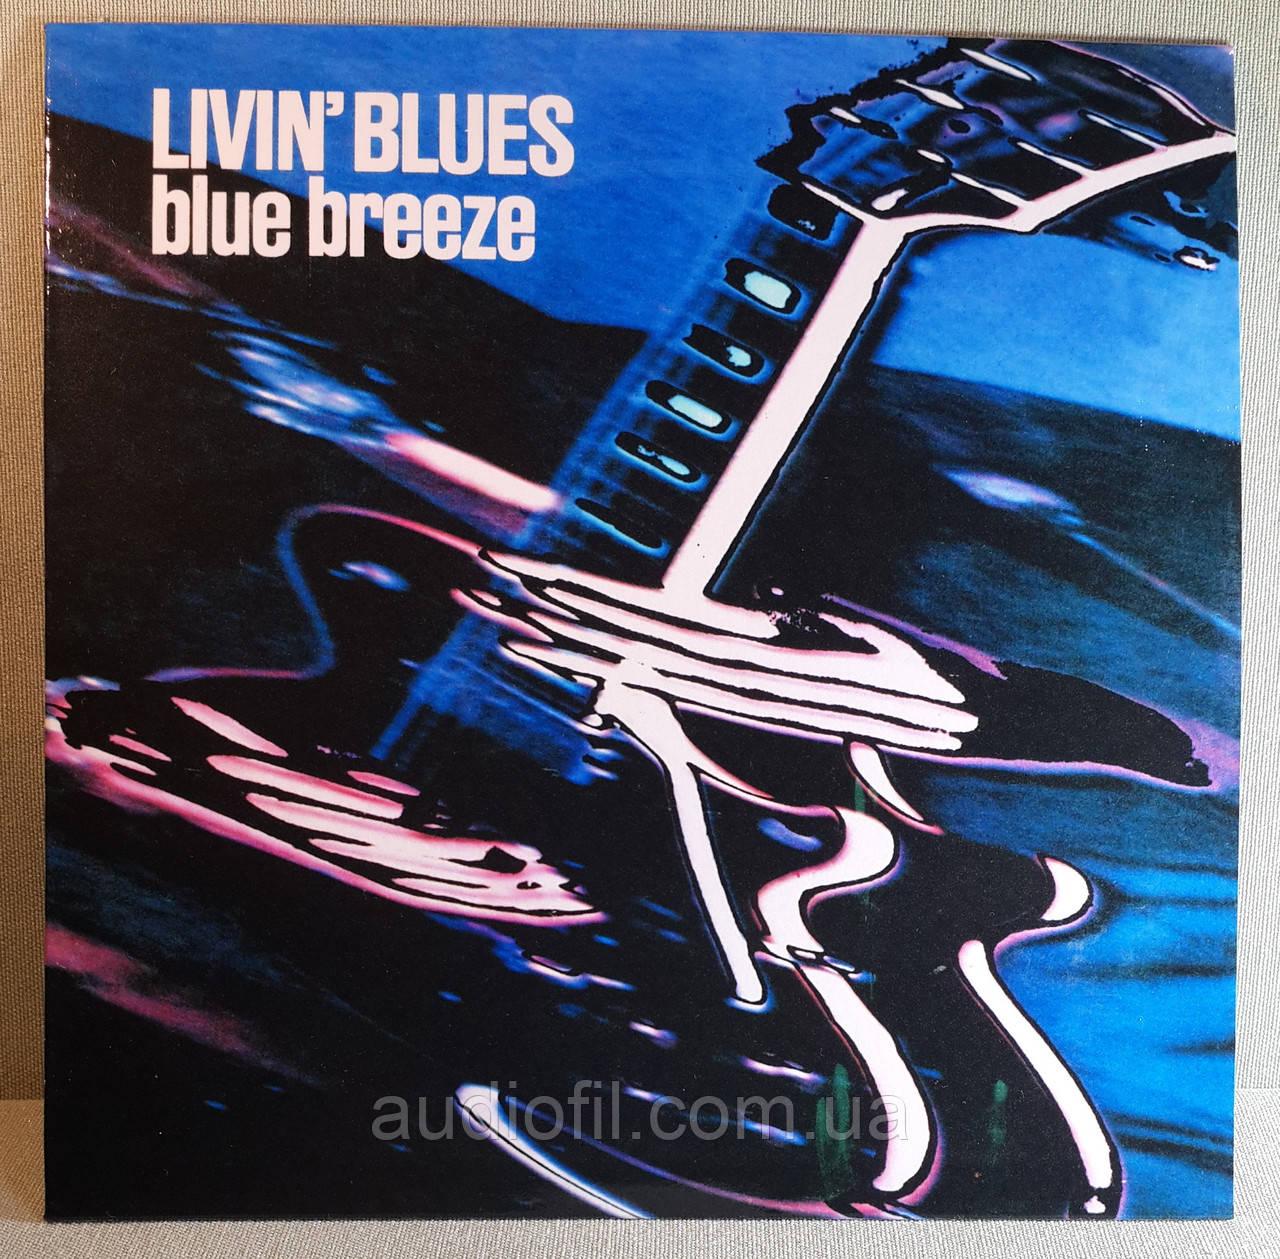 CD диск Livin' Blues - Blue Breeze, фото 1